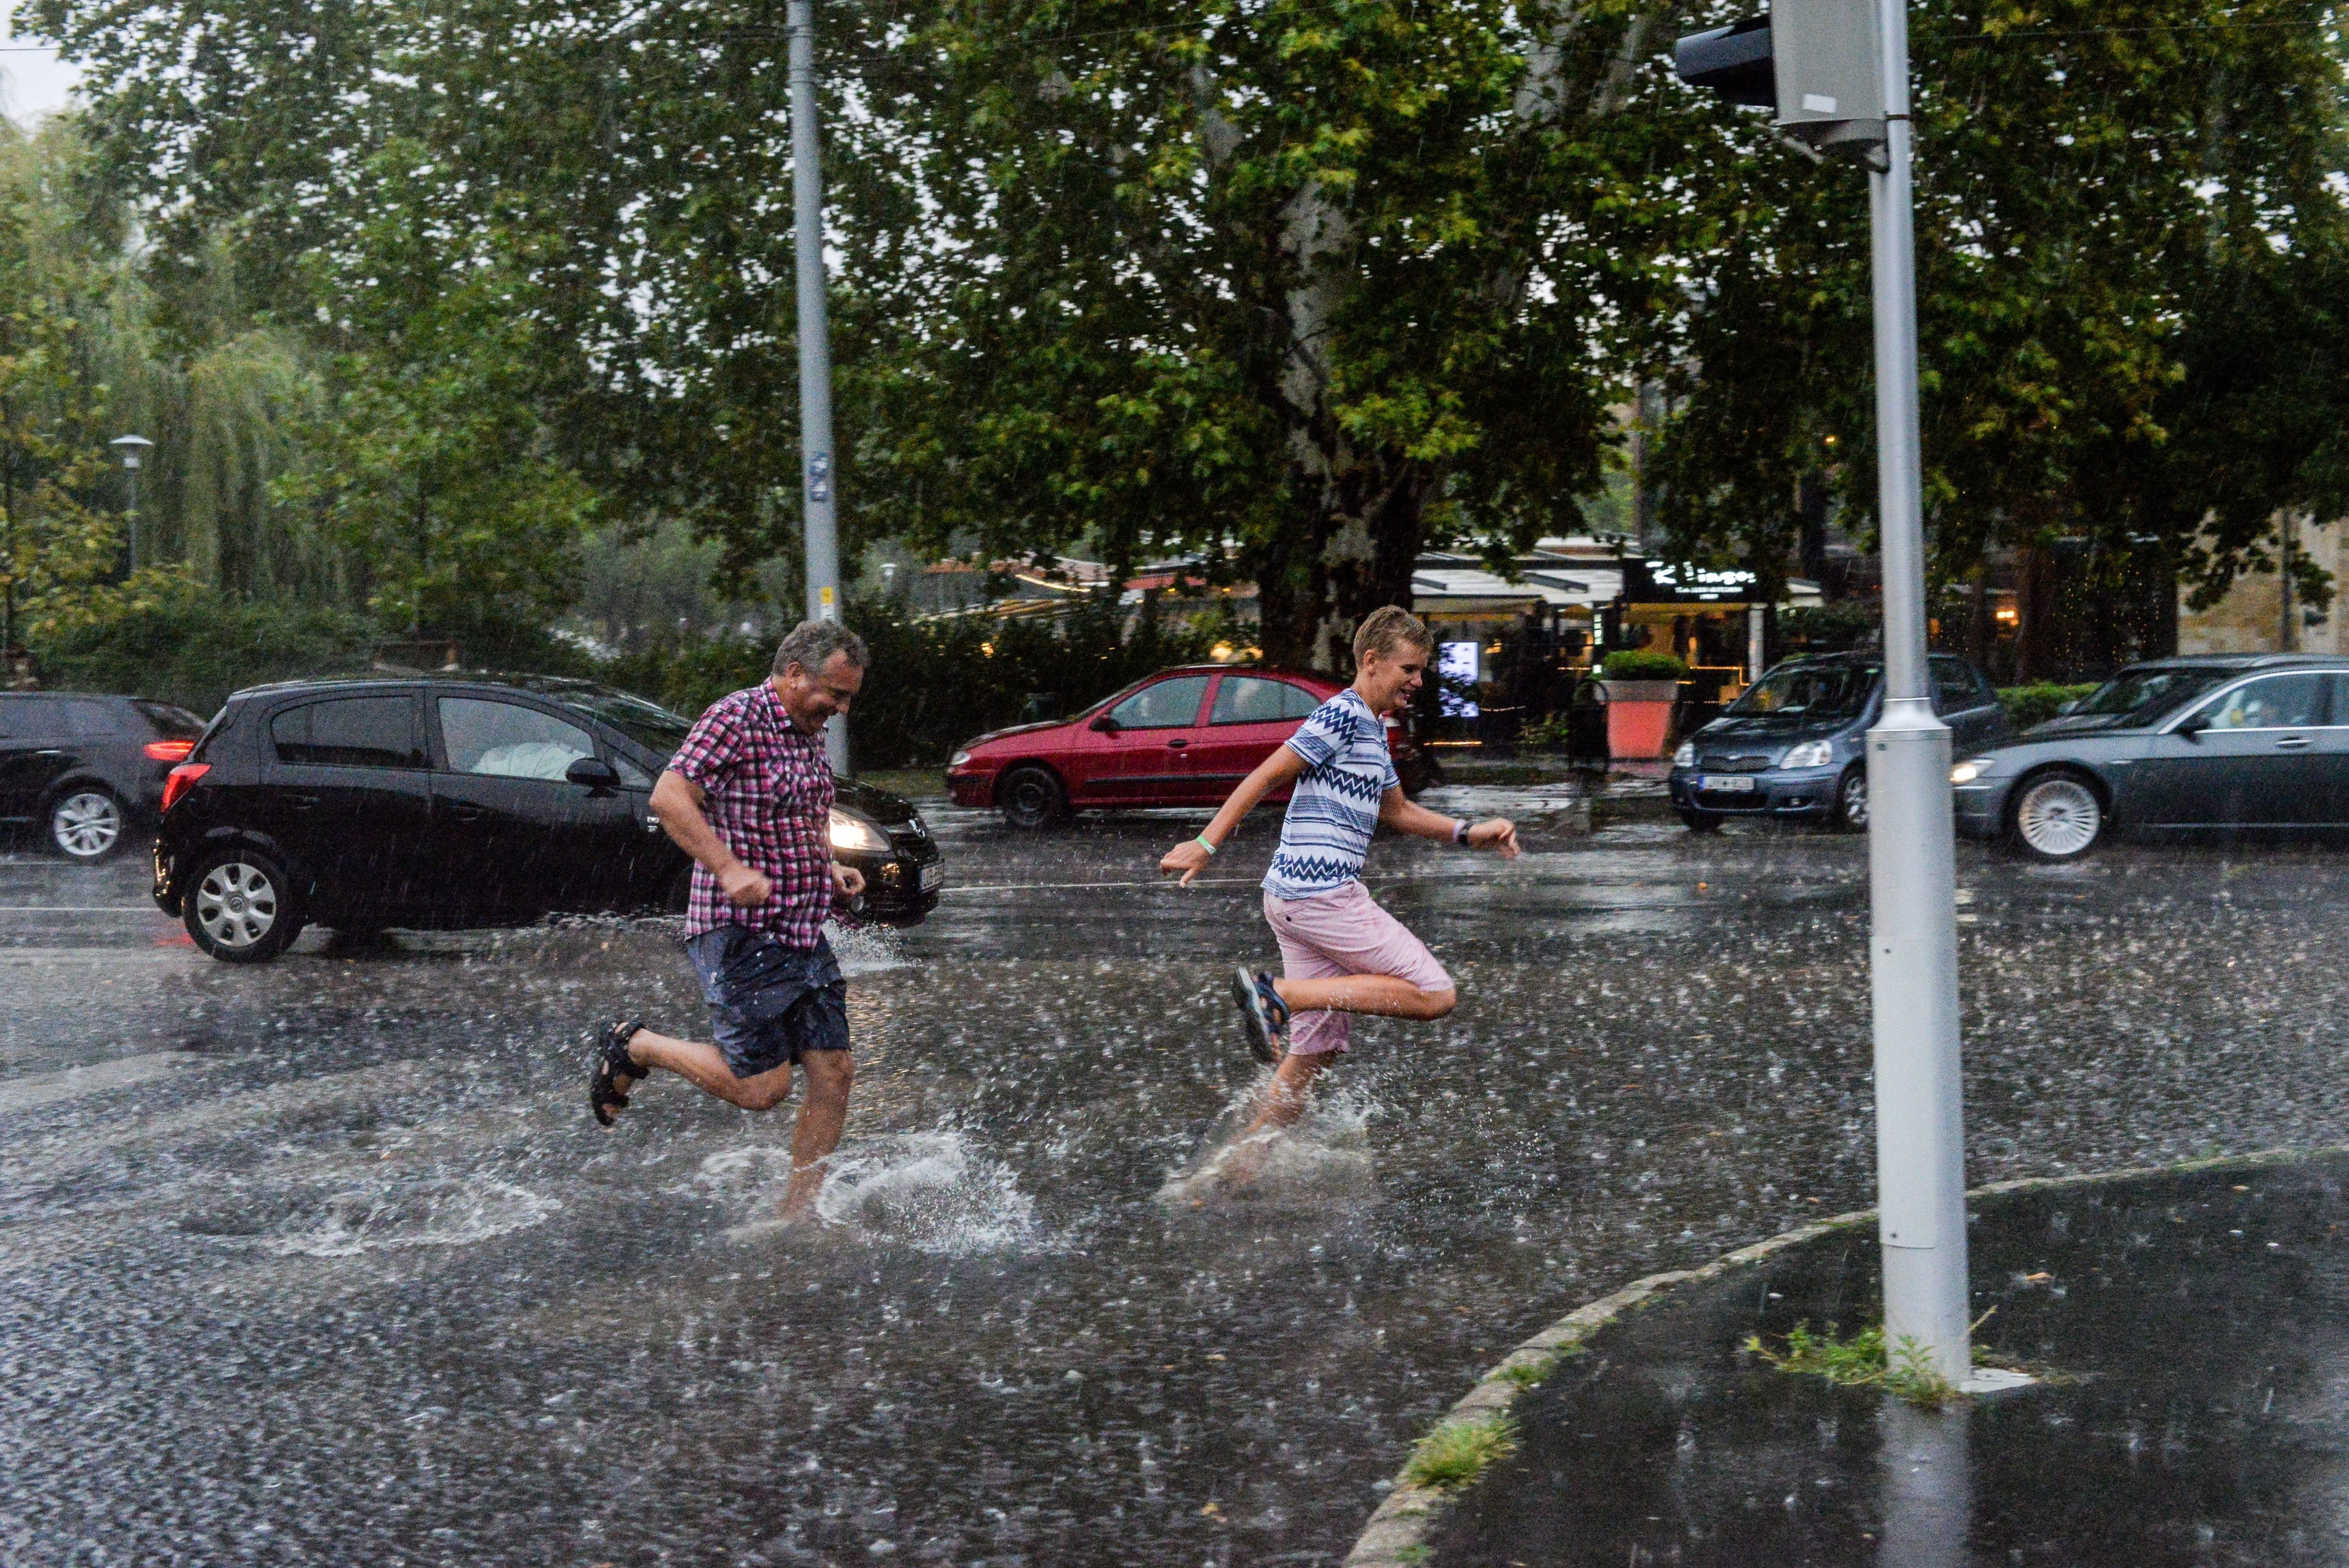 Időjárás-előrejelzés - Figyelmeztetést adtak ki péntekre az ország nagy részére - Részletek